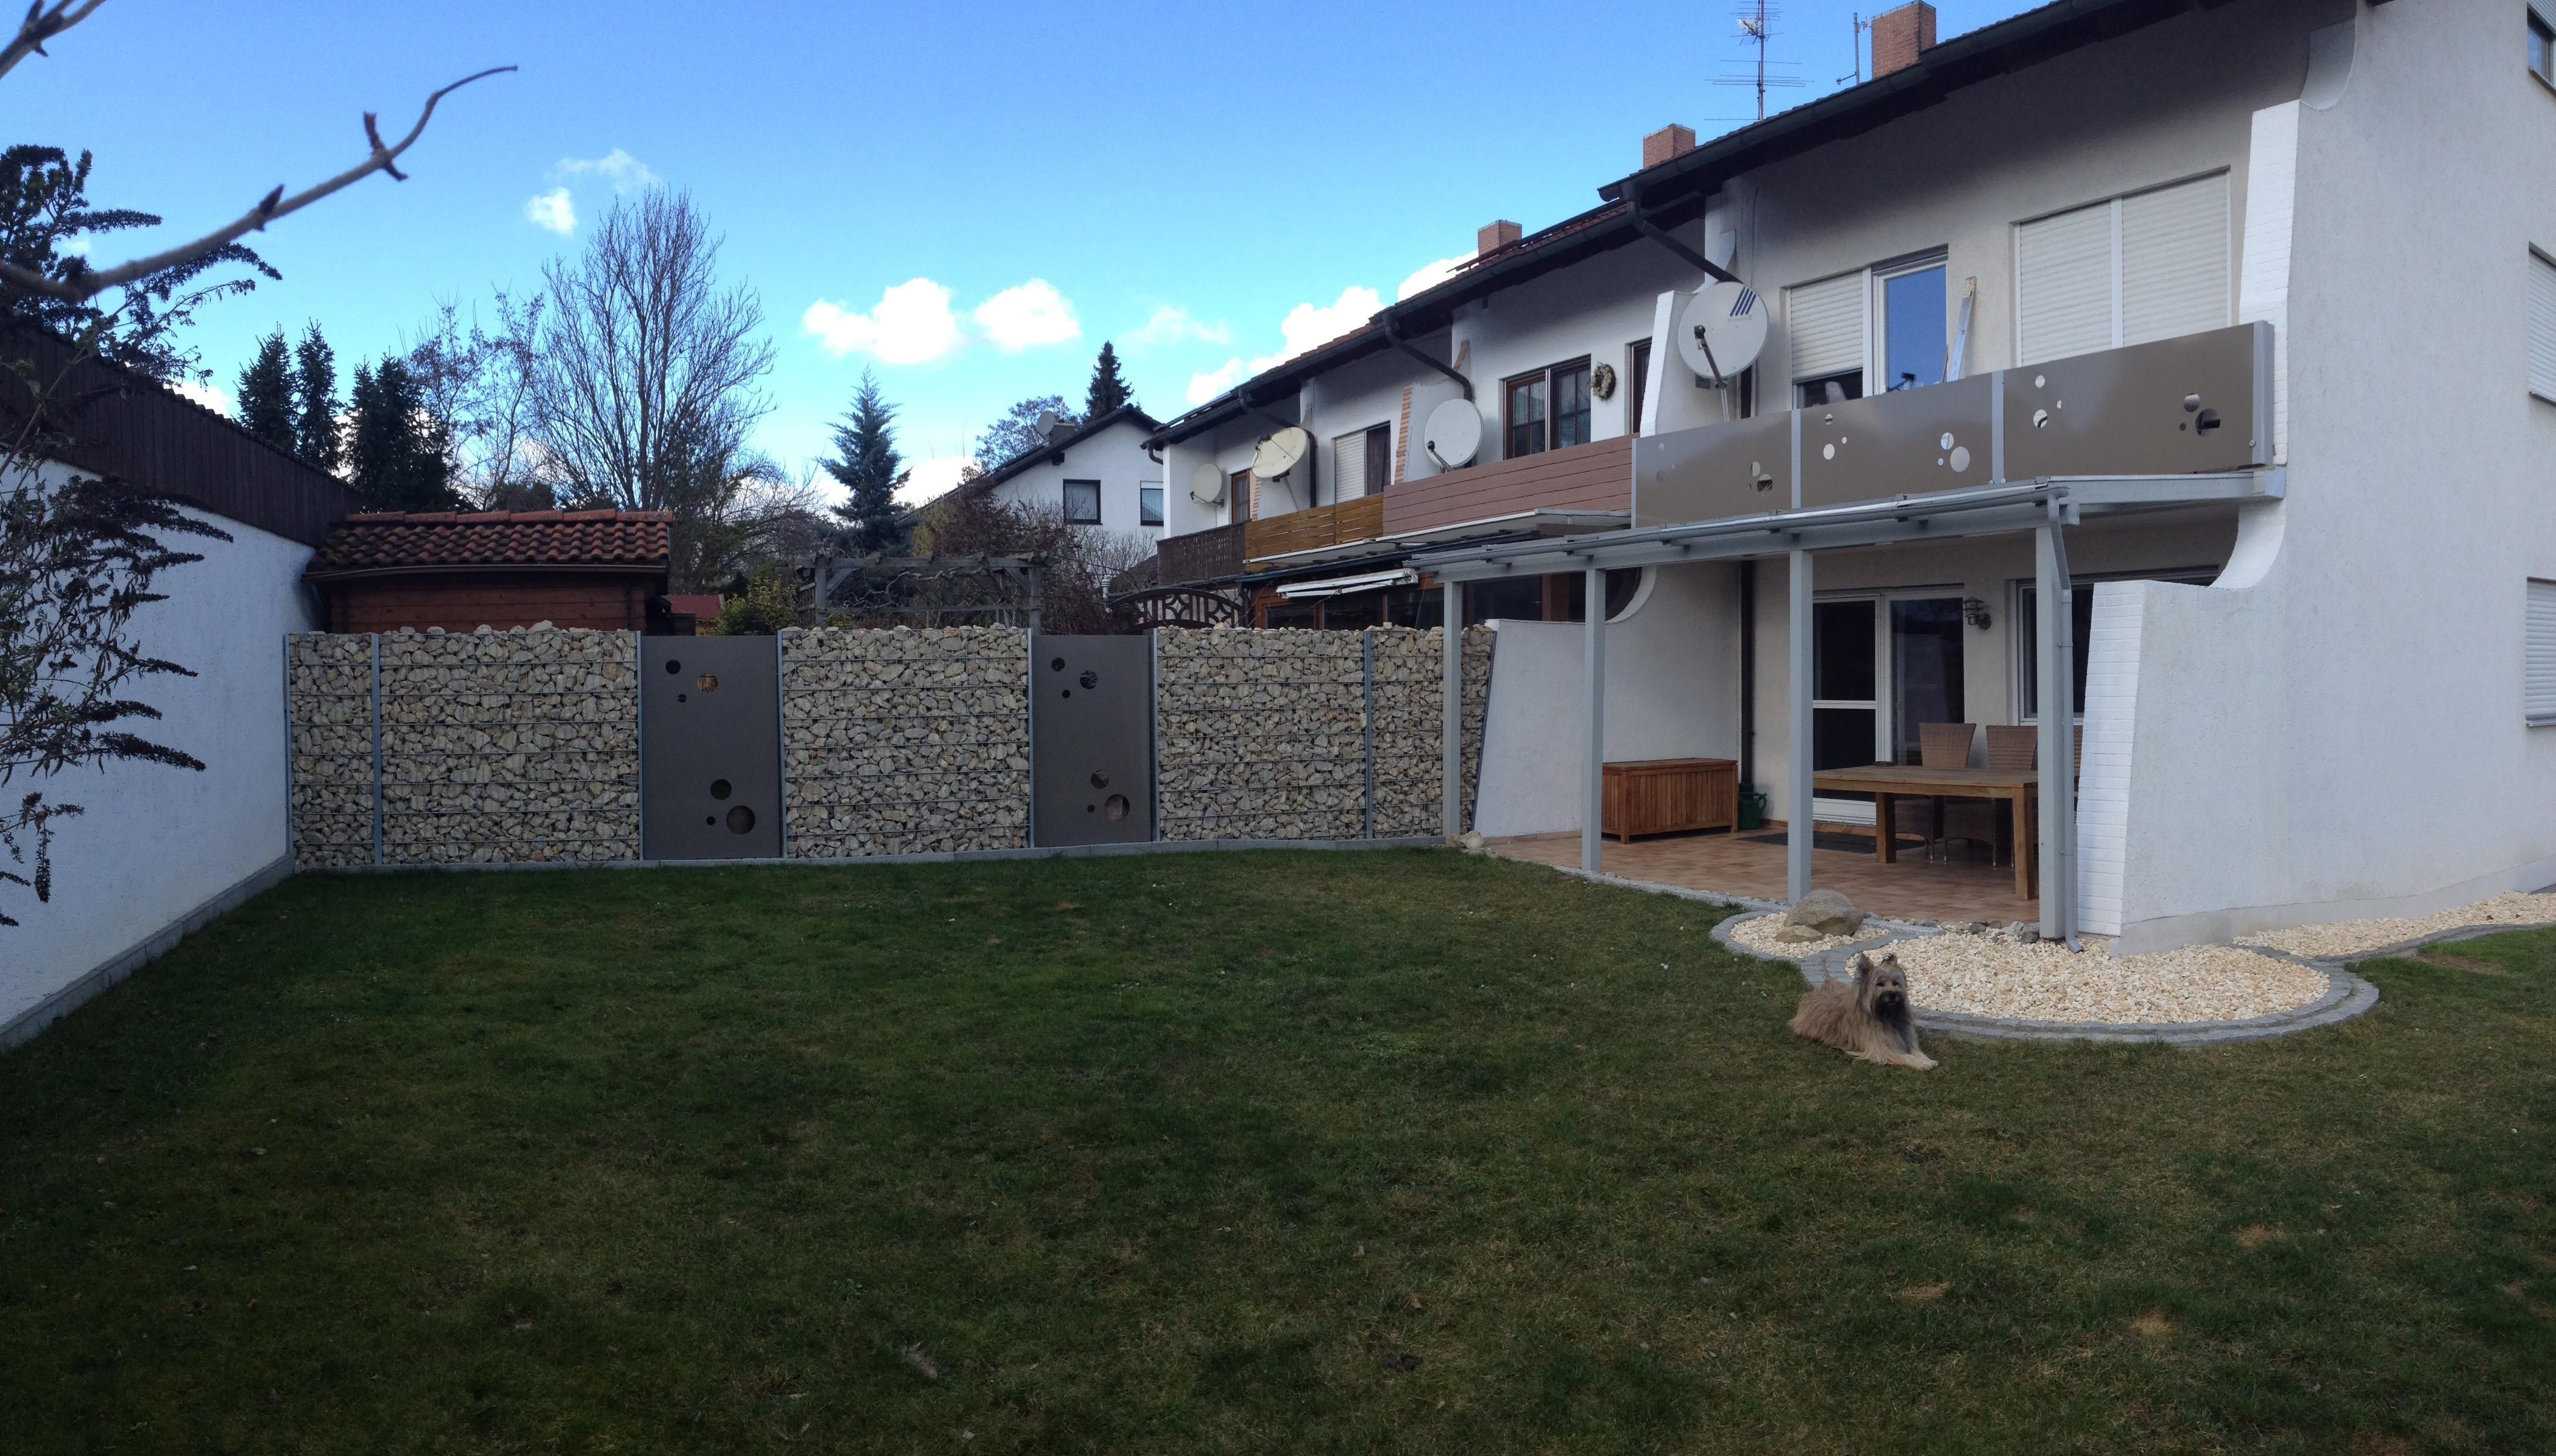 Balkonverkleidungen Alles Fur Haus Und Garten Aus Metall